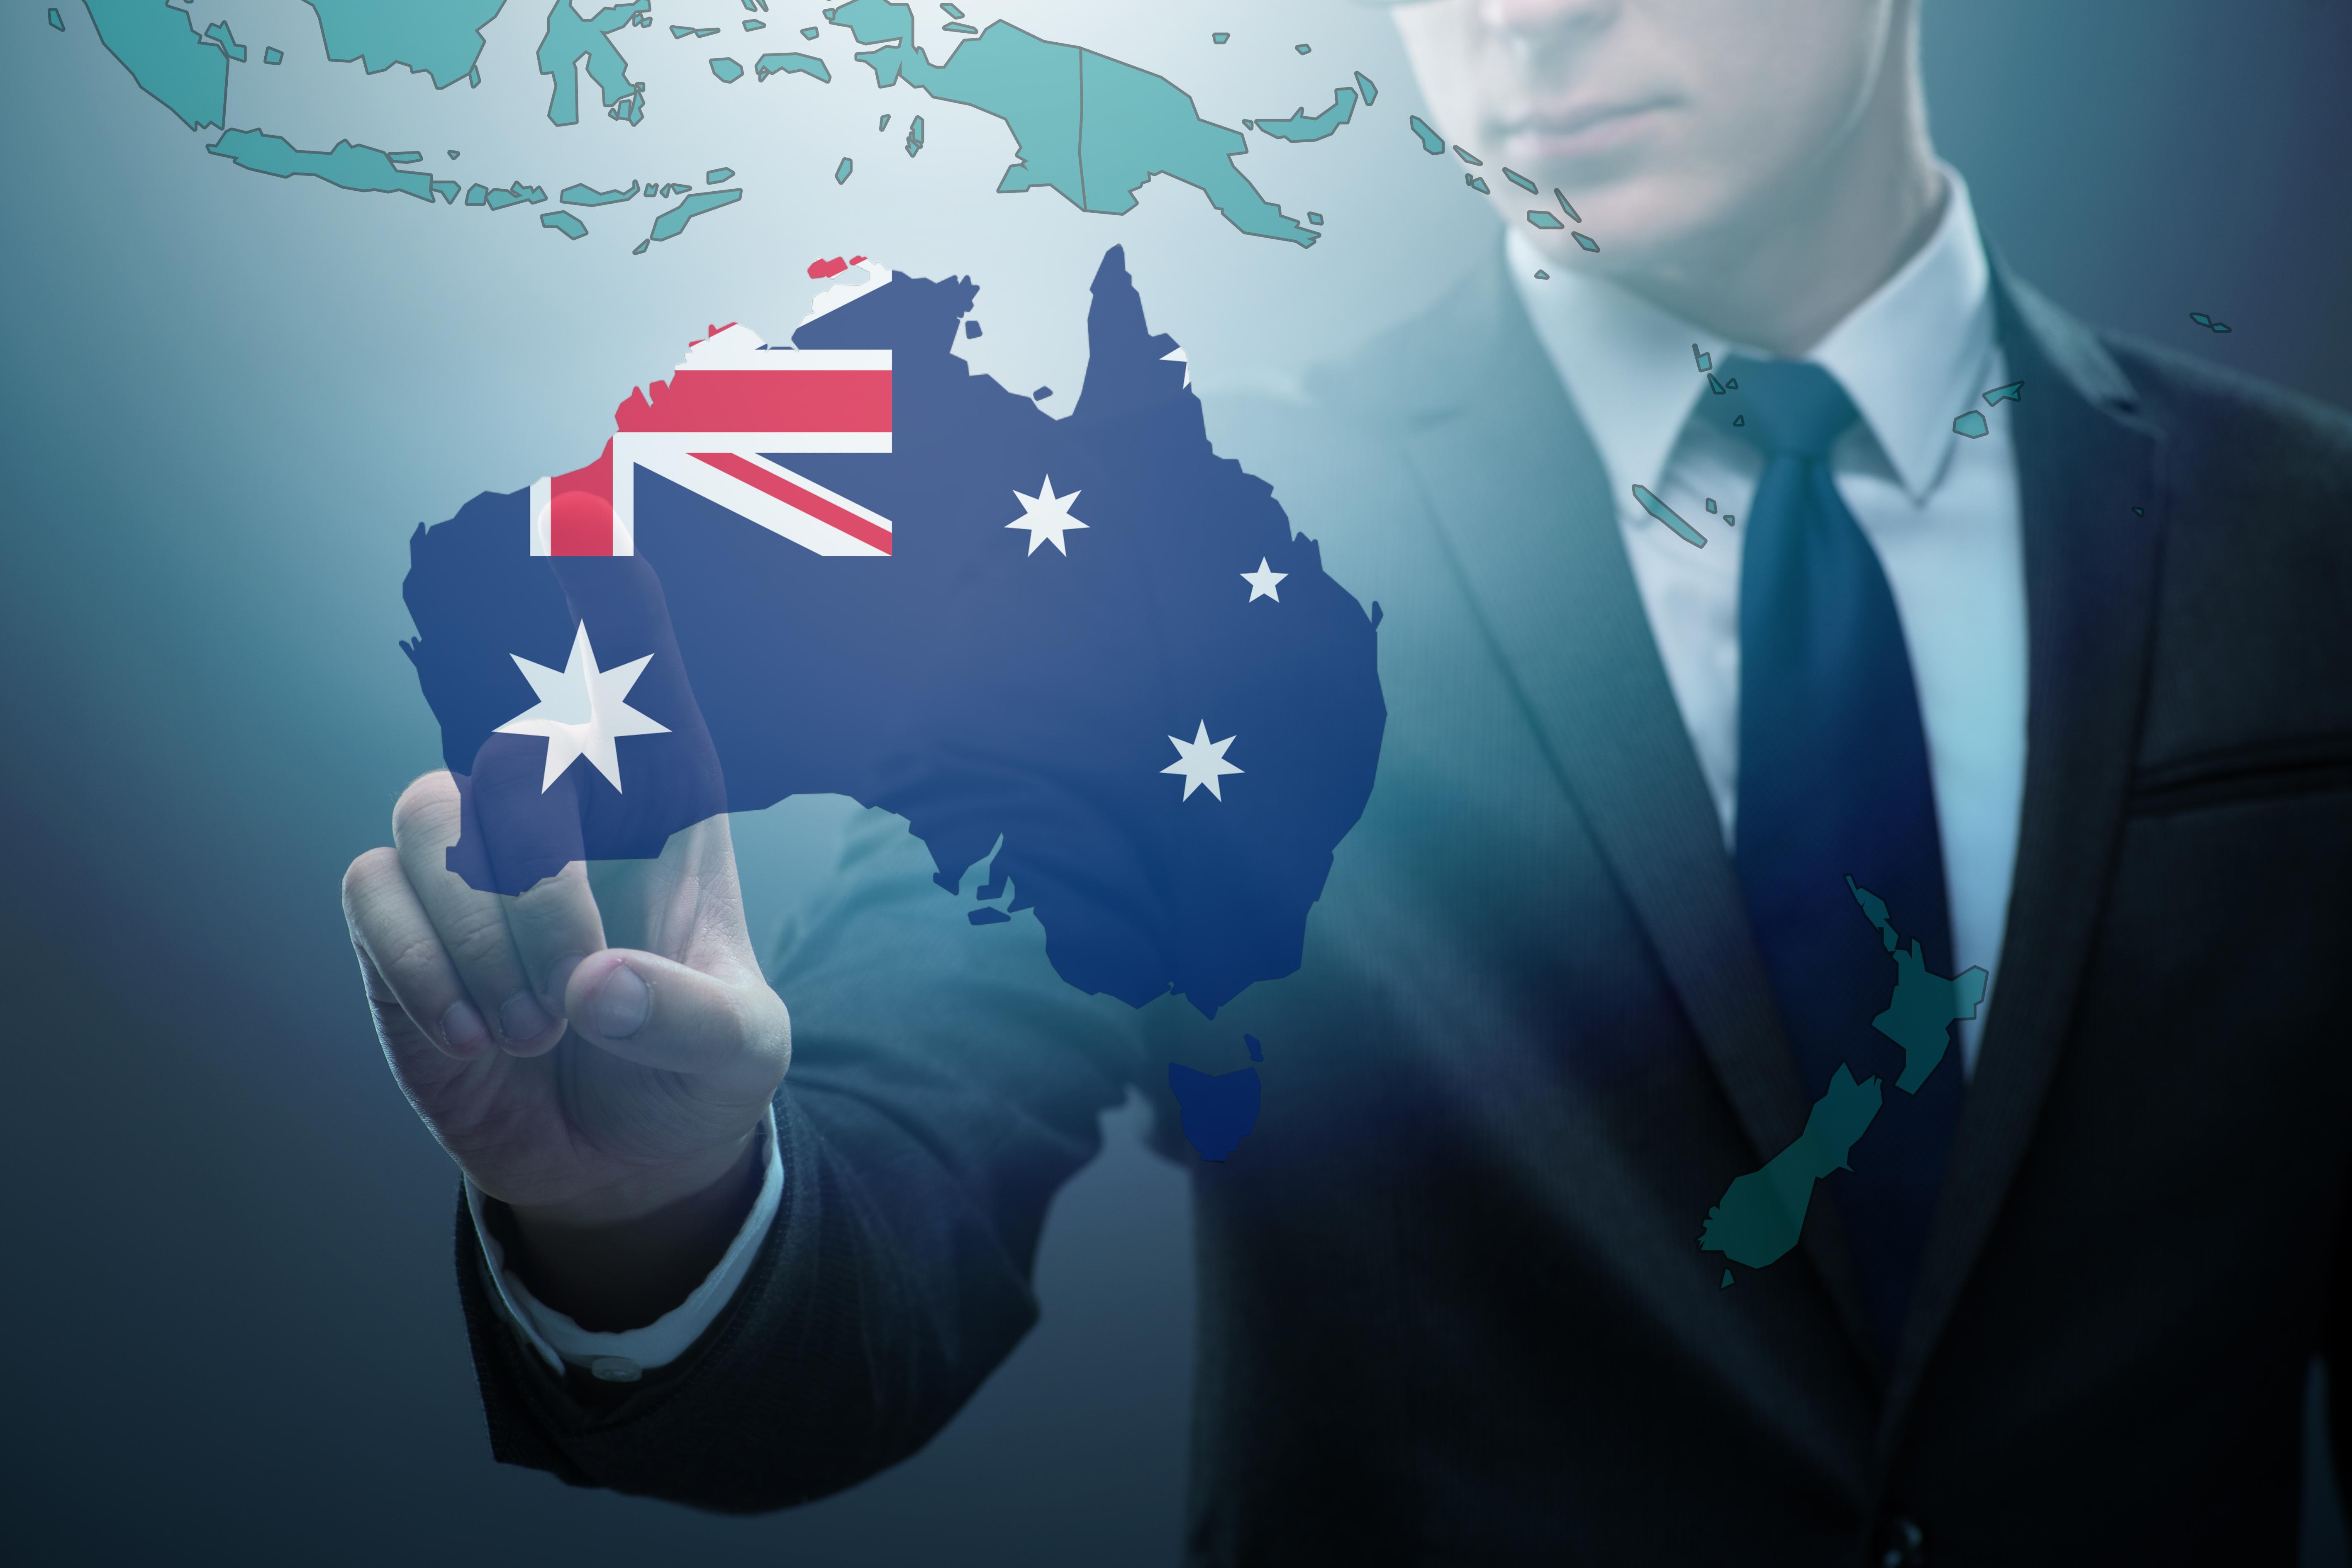 Концепция бизнес-иммиграции в Австралию